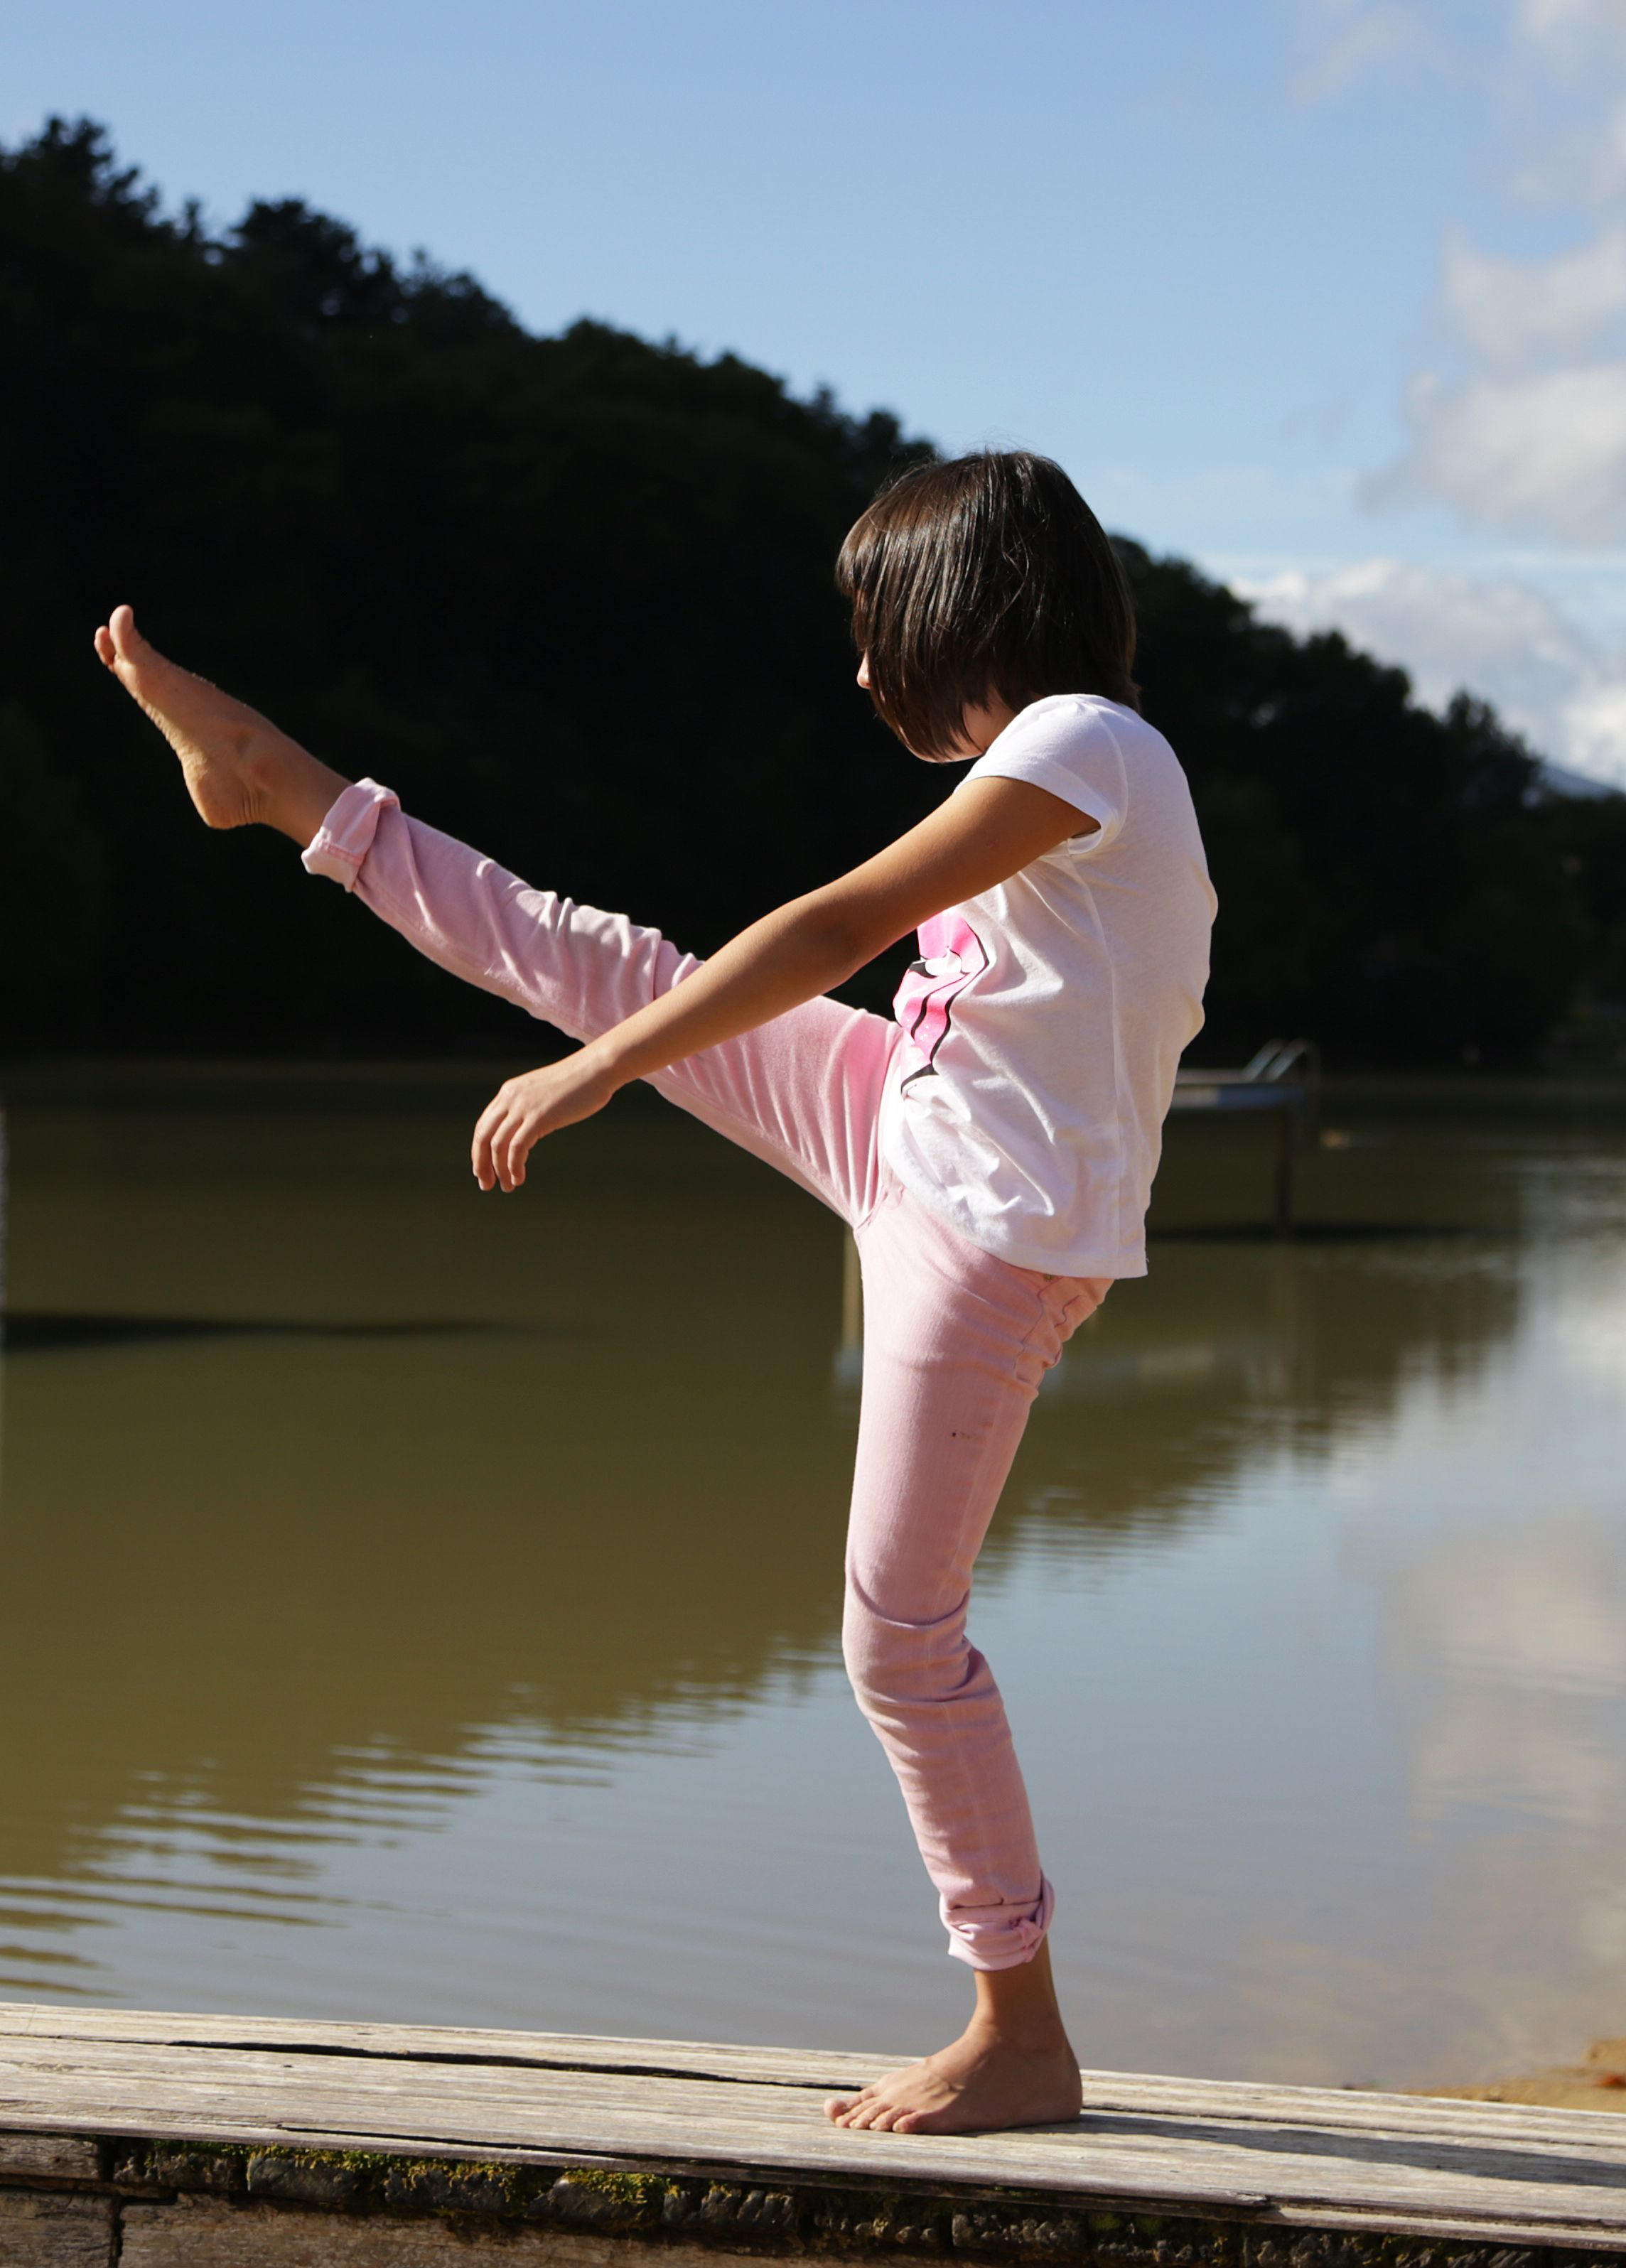 #Equilibrio, #oreka, #balance, #dance, #baile, #dantza #aintzira #lago #lake #senpere